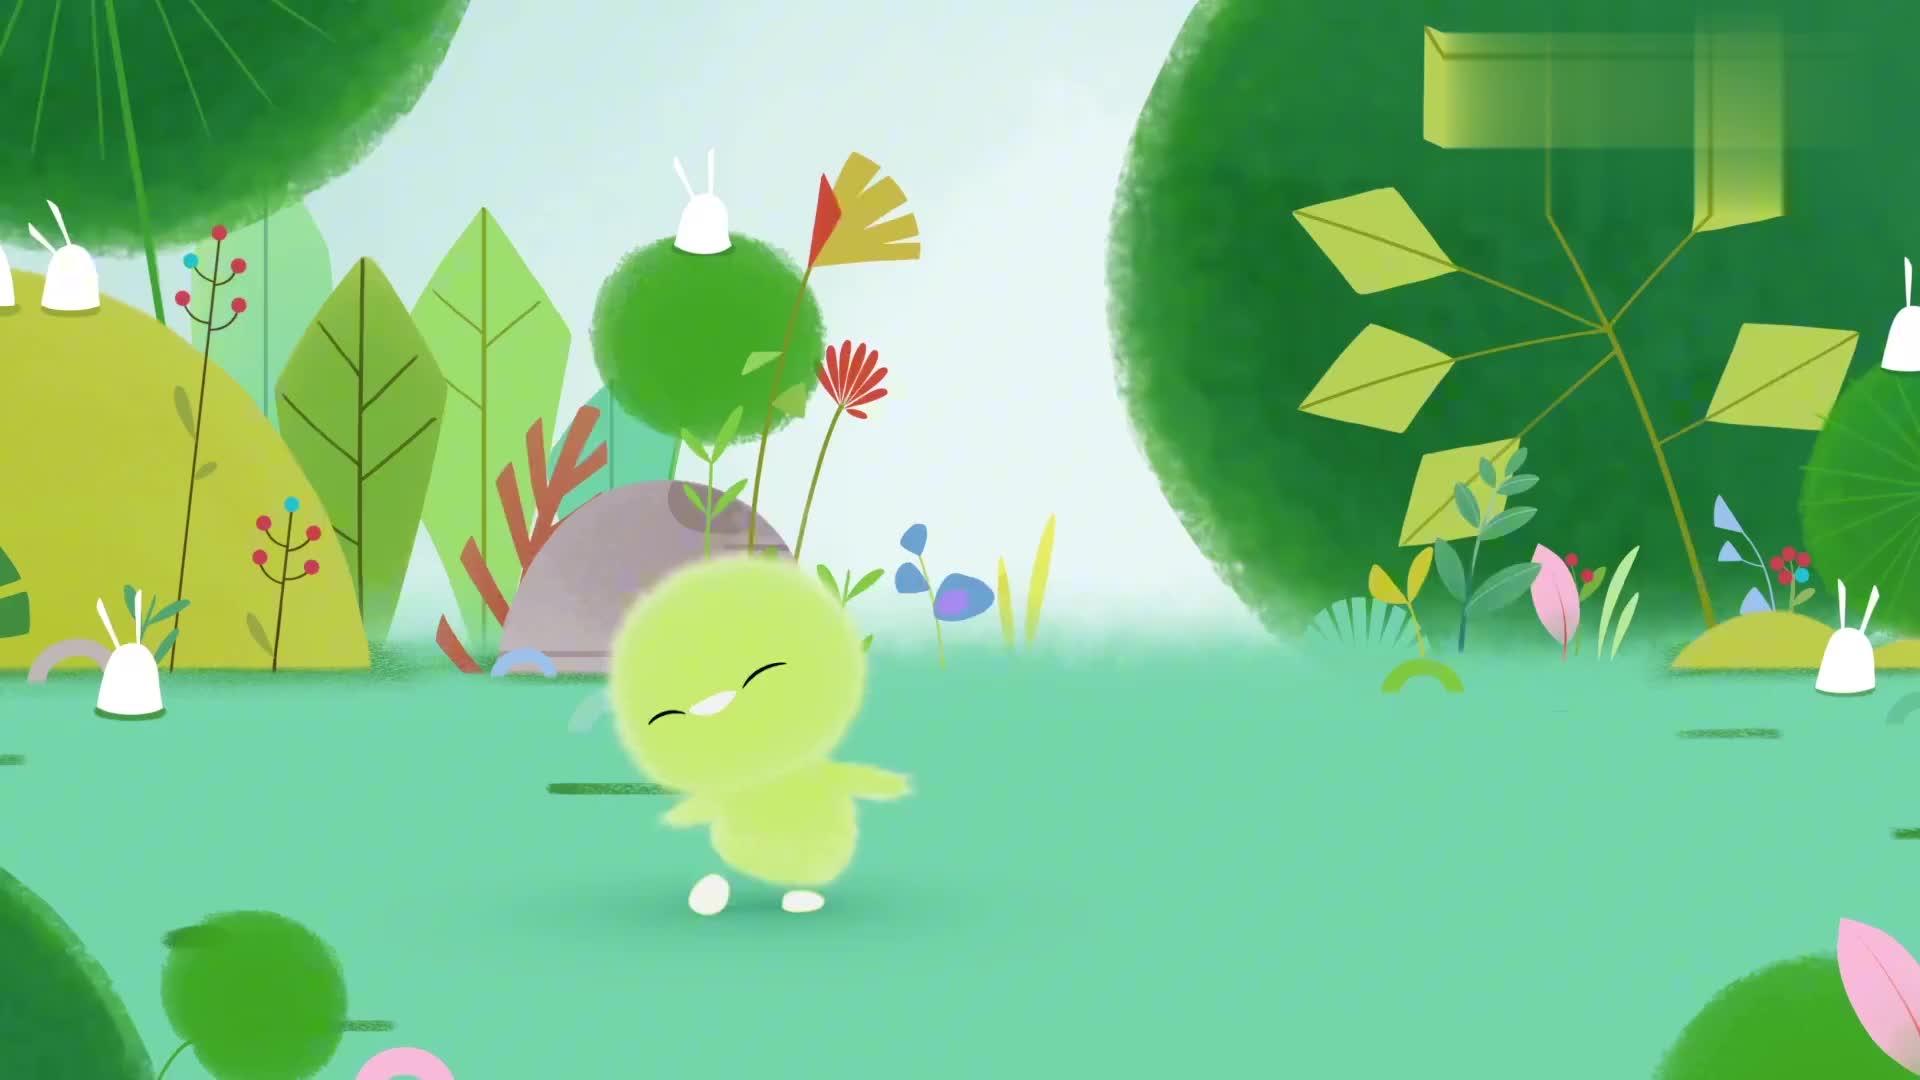 小鸡彩虹防疫儿歌:疫情不可怕,只要防疫好,病毒远离你